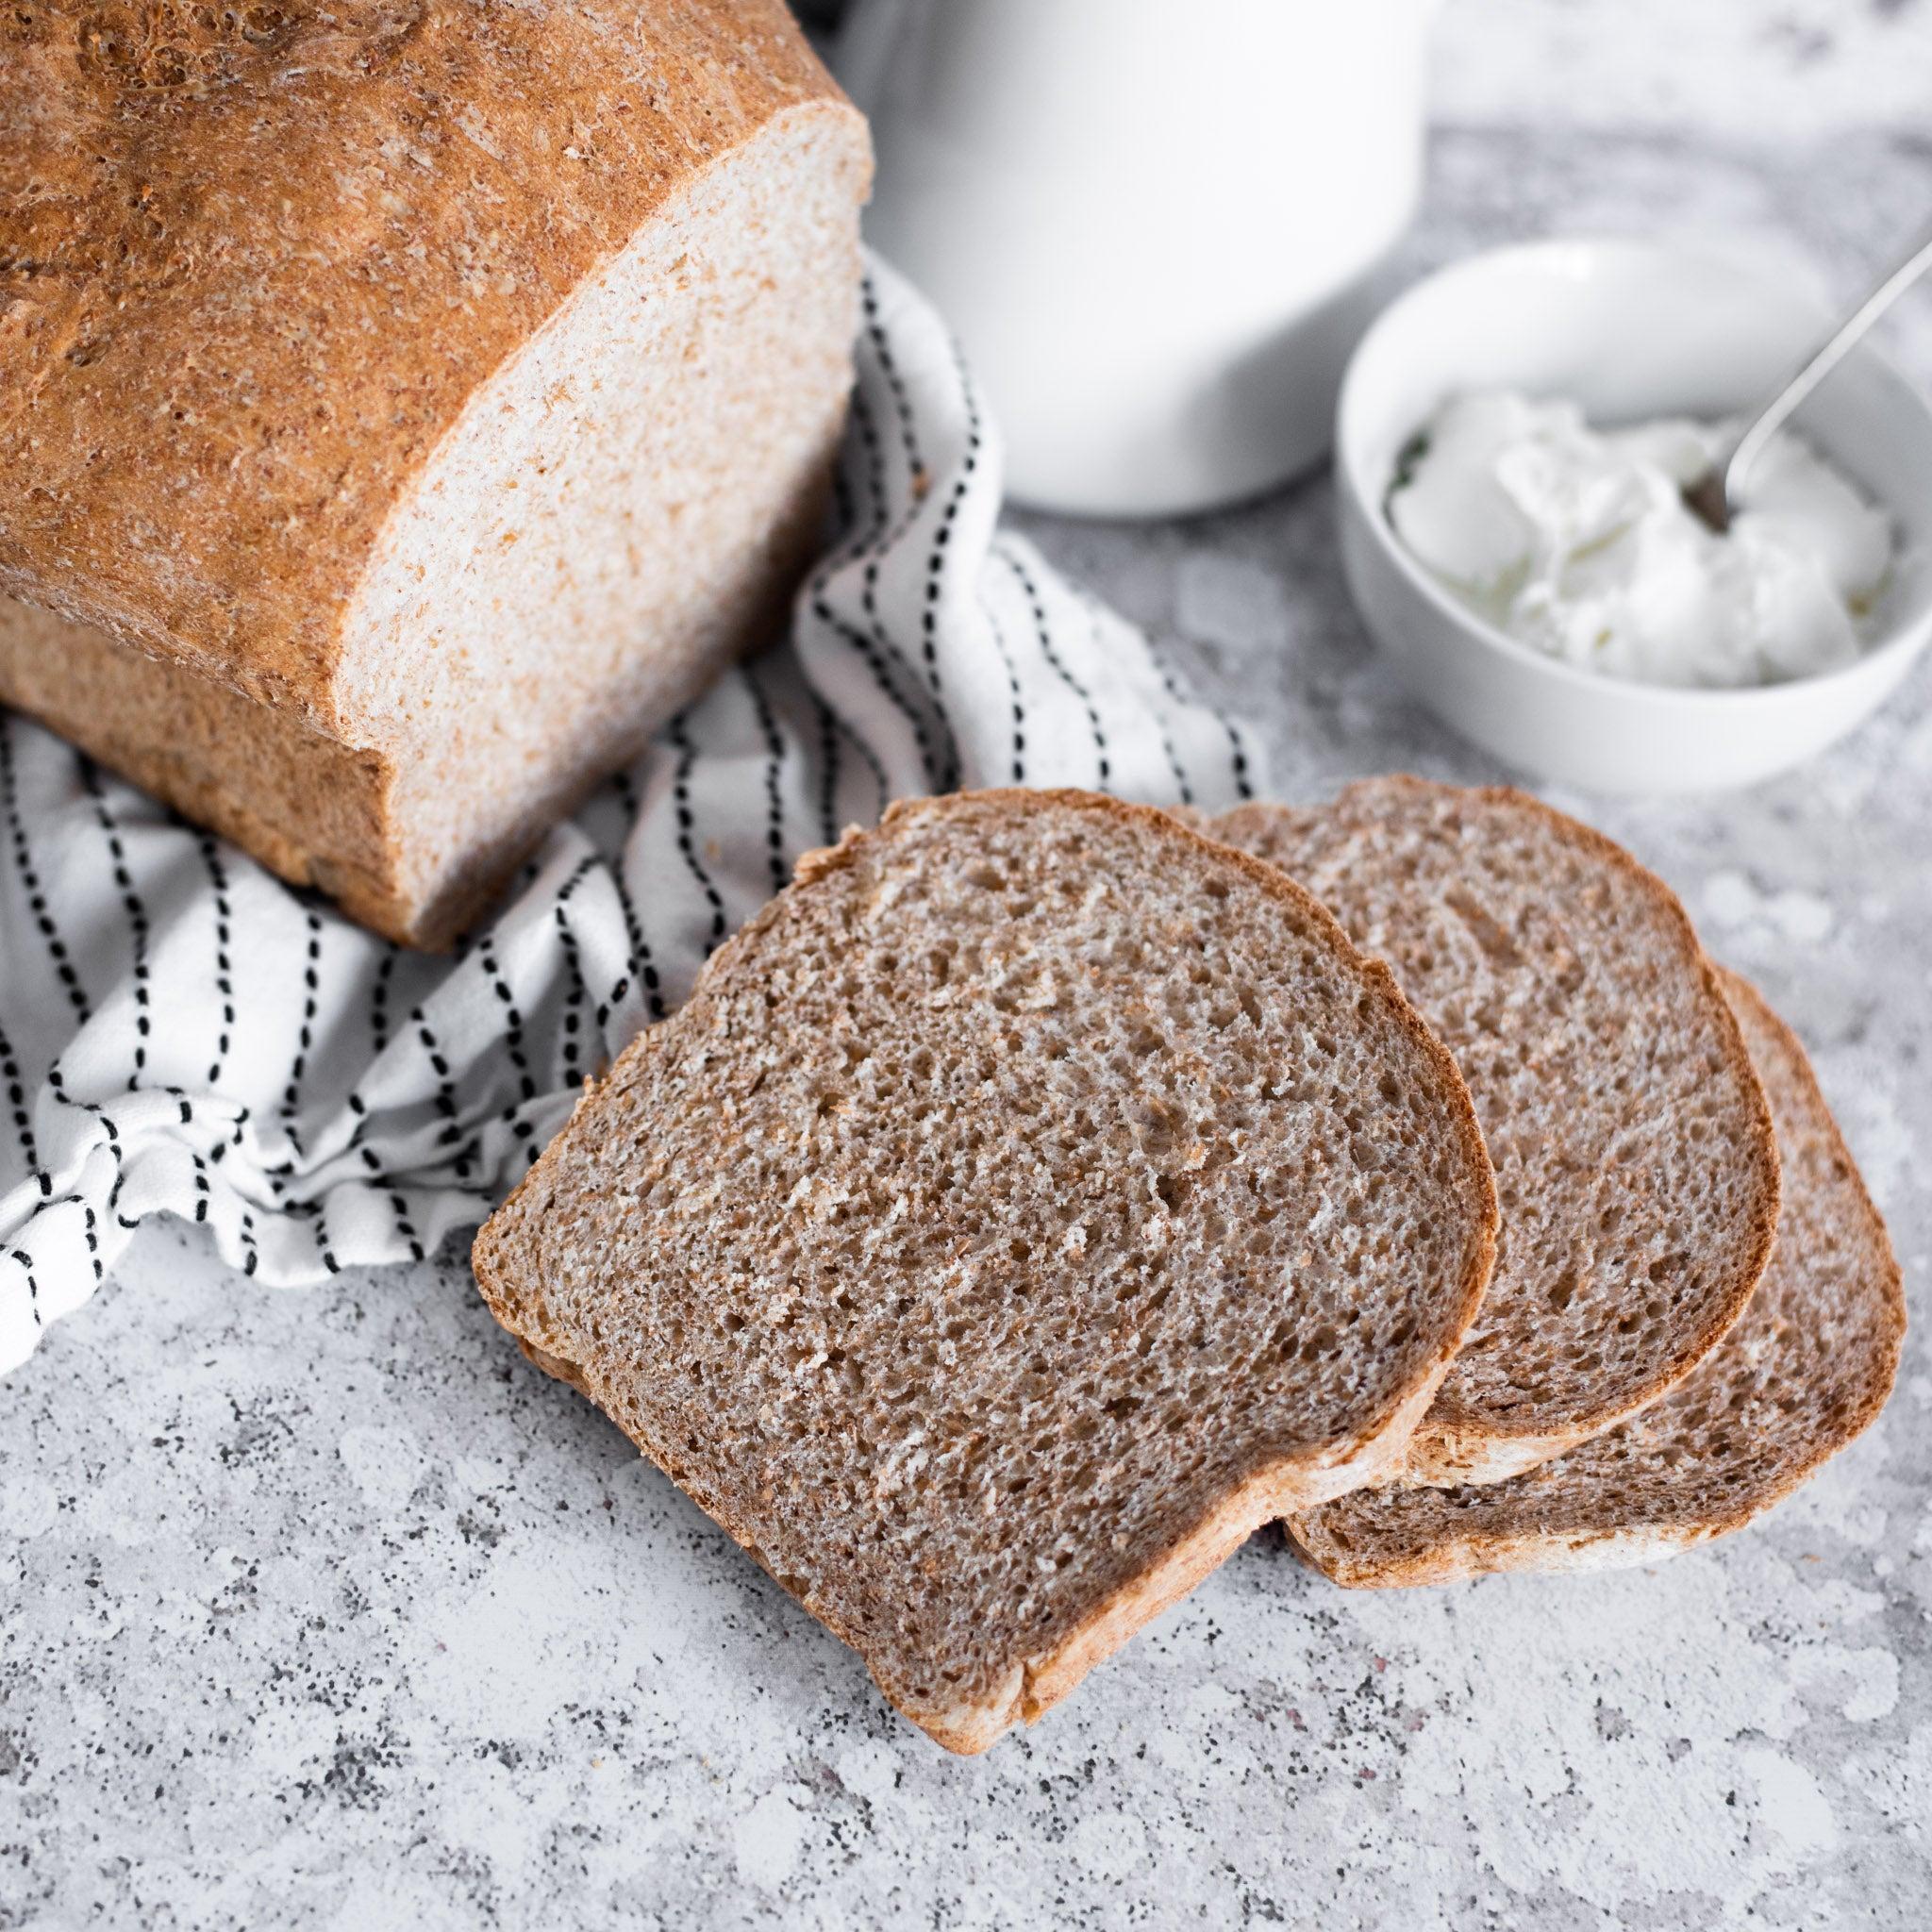 Allinsons-Wholemeal-Loaf-1-1-Baking-Mad-9.jpg